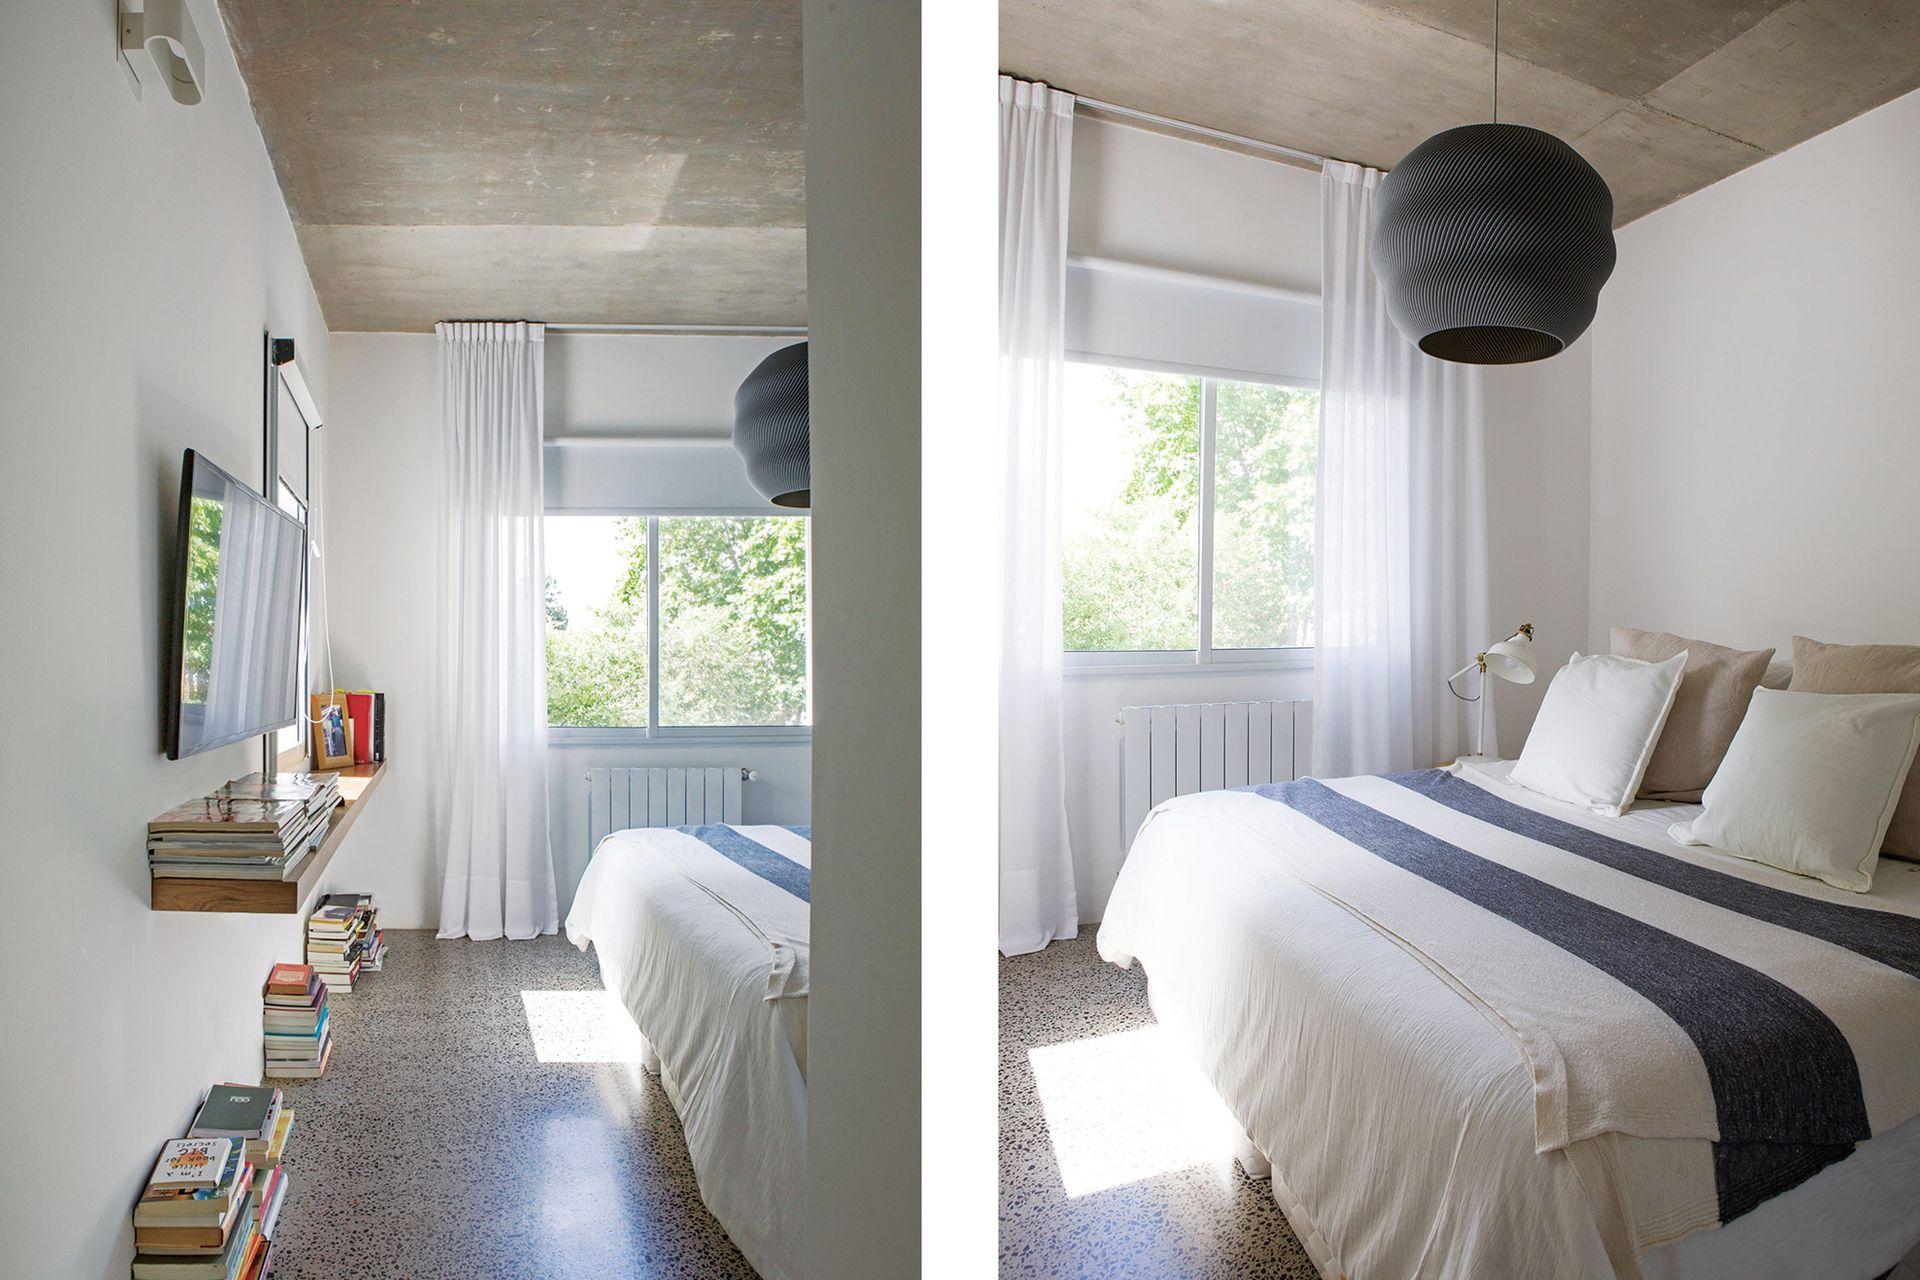 Arriba de la cama, lámpara de techo negra (Nuba).